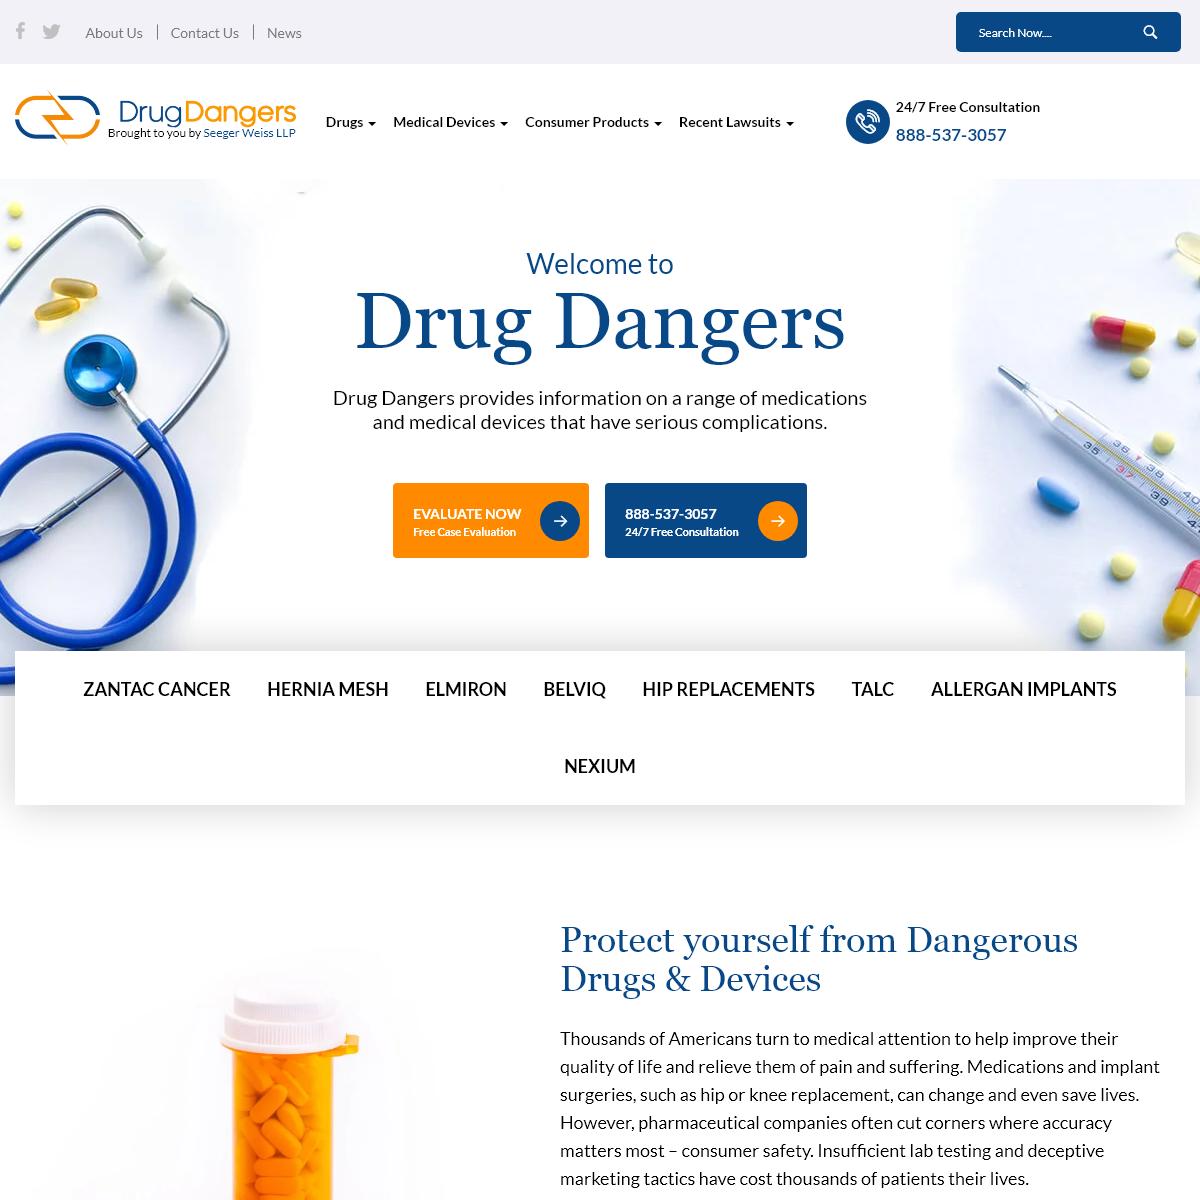 Drug Dangers - Drug & Medical Device Side Effect & Lawsuit Information